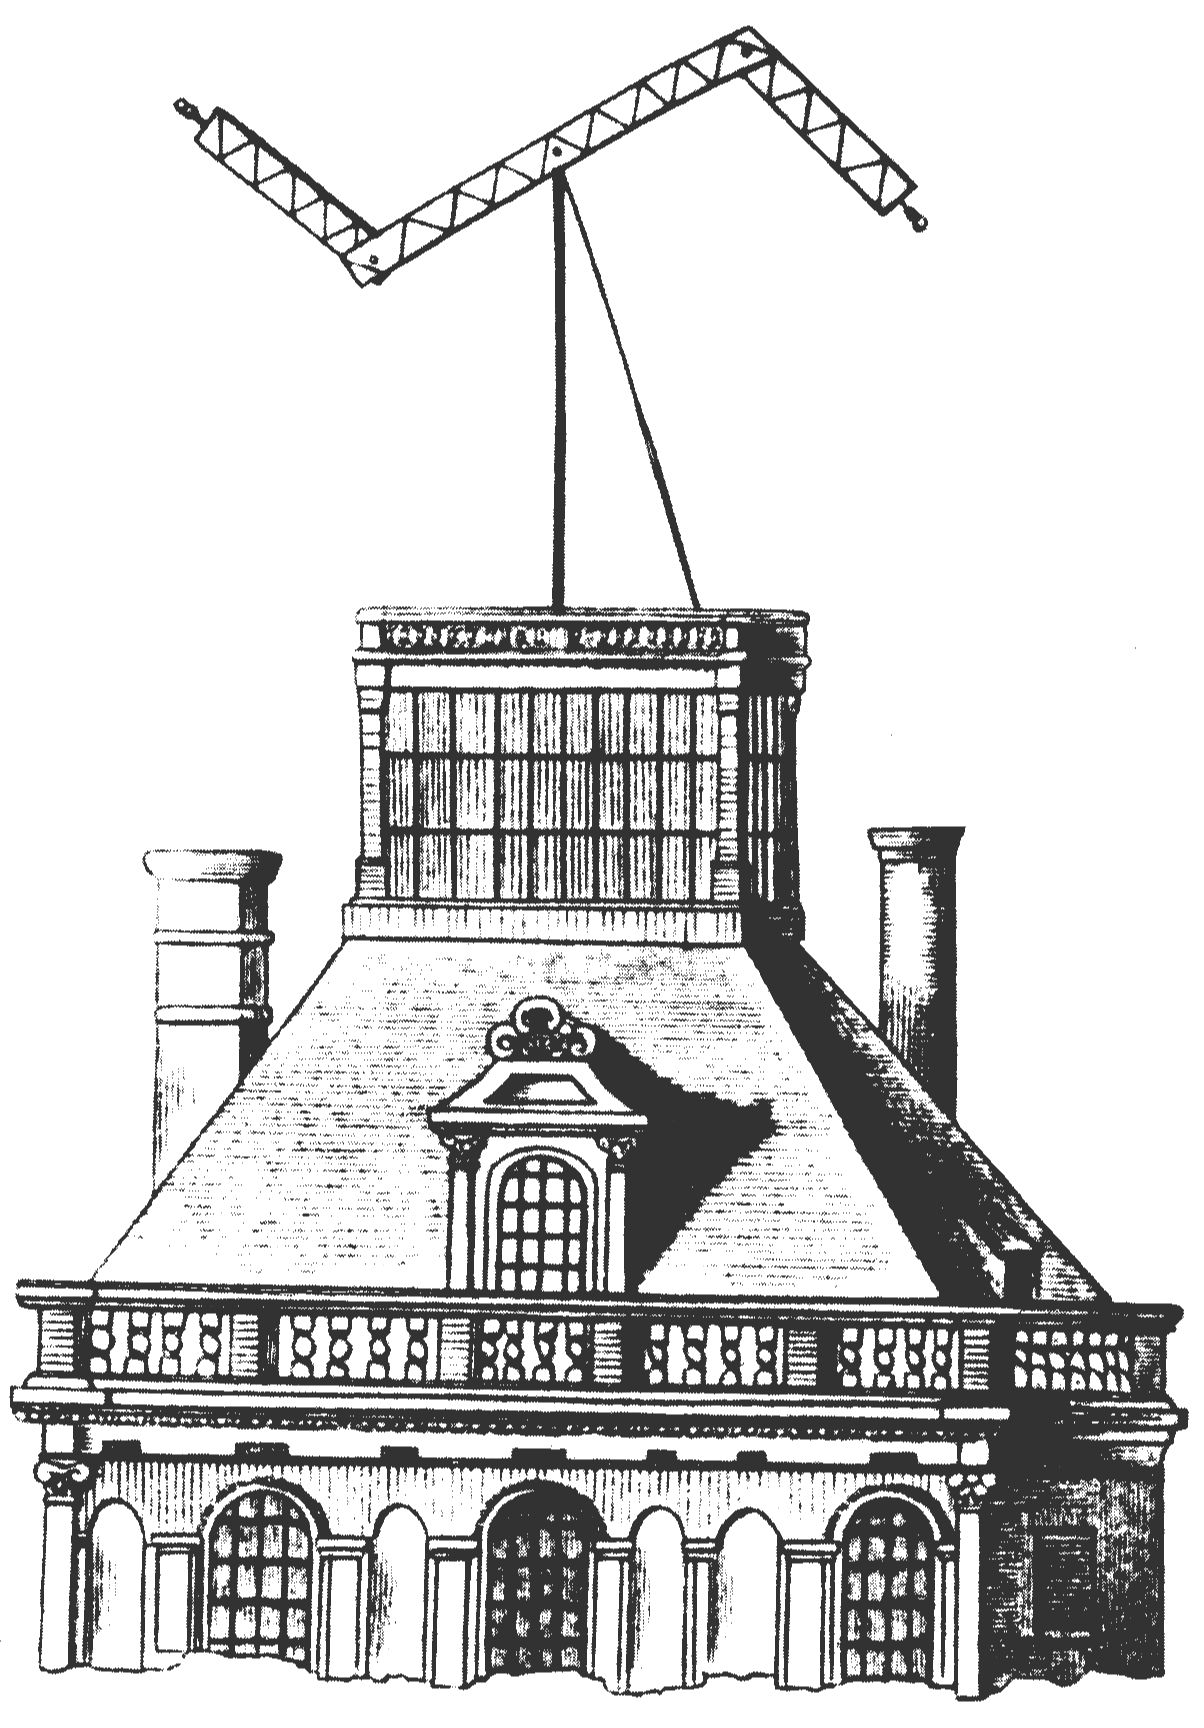 Telègraf òptic - Wikipedia